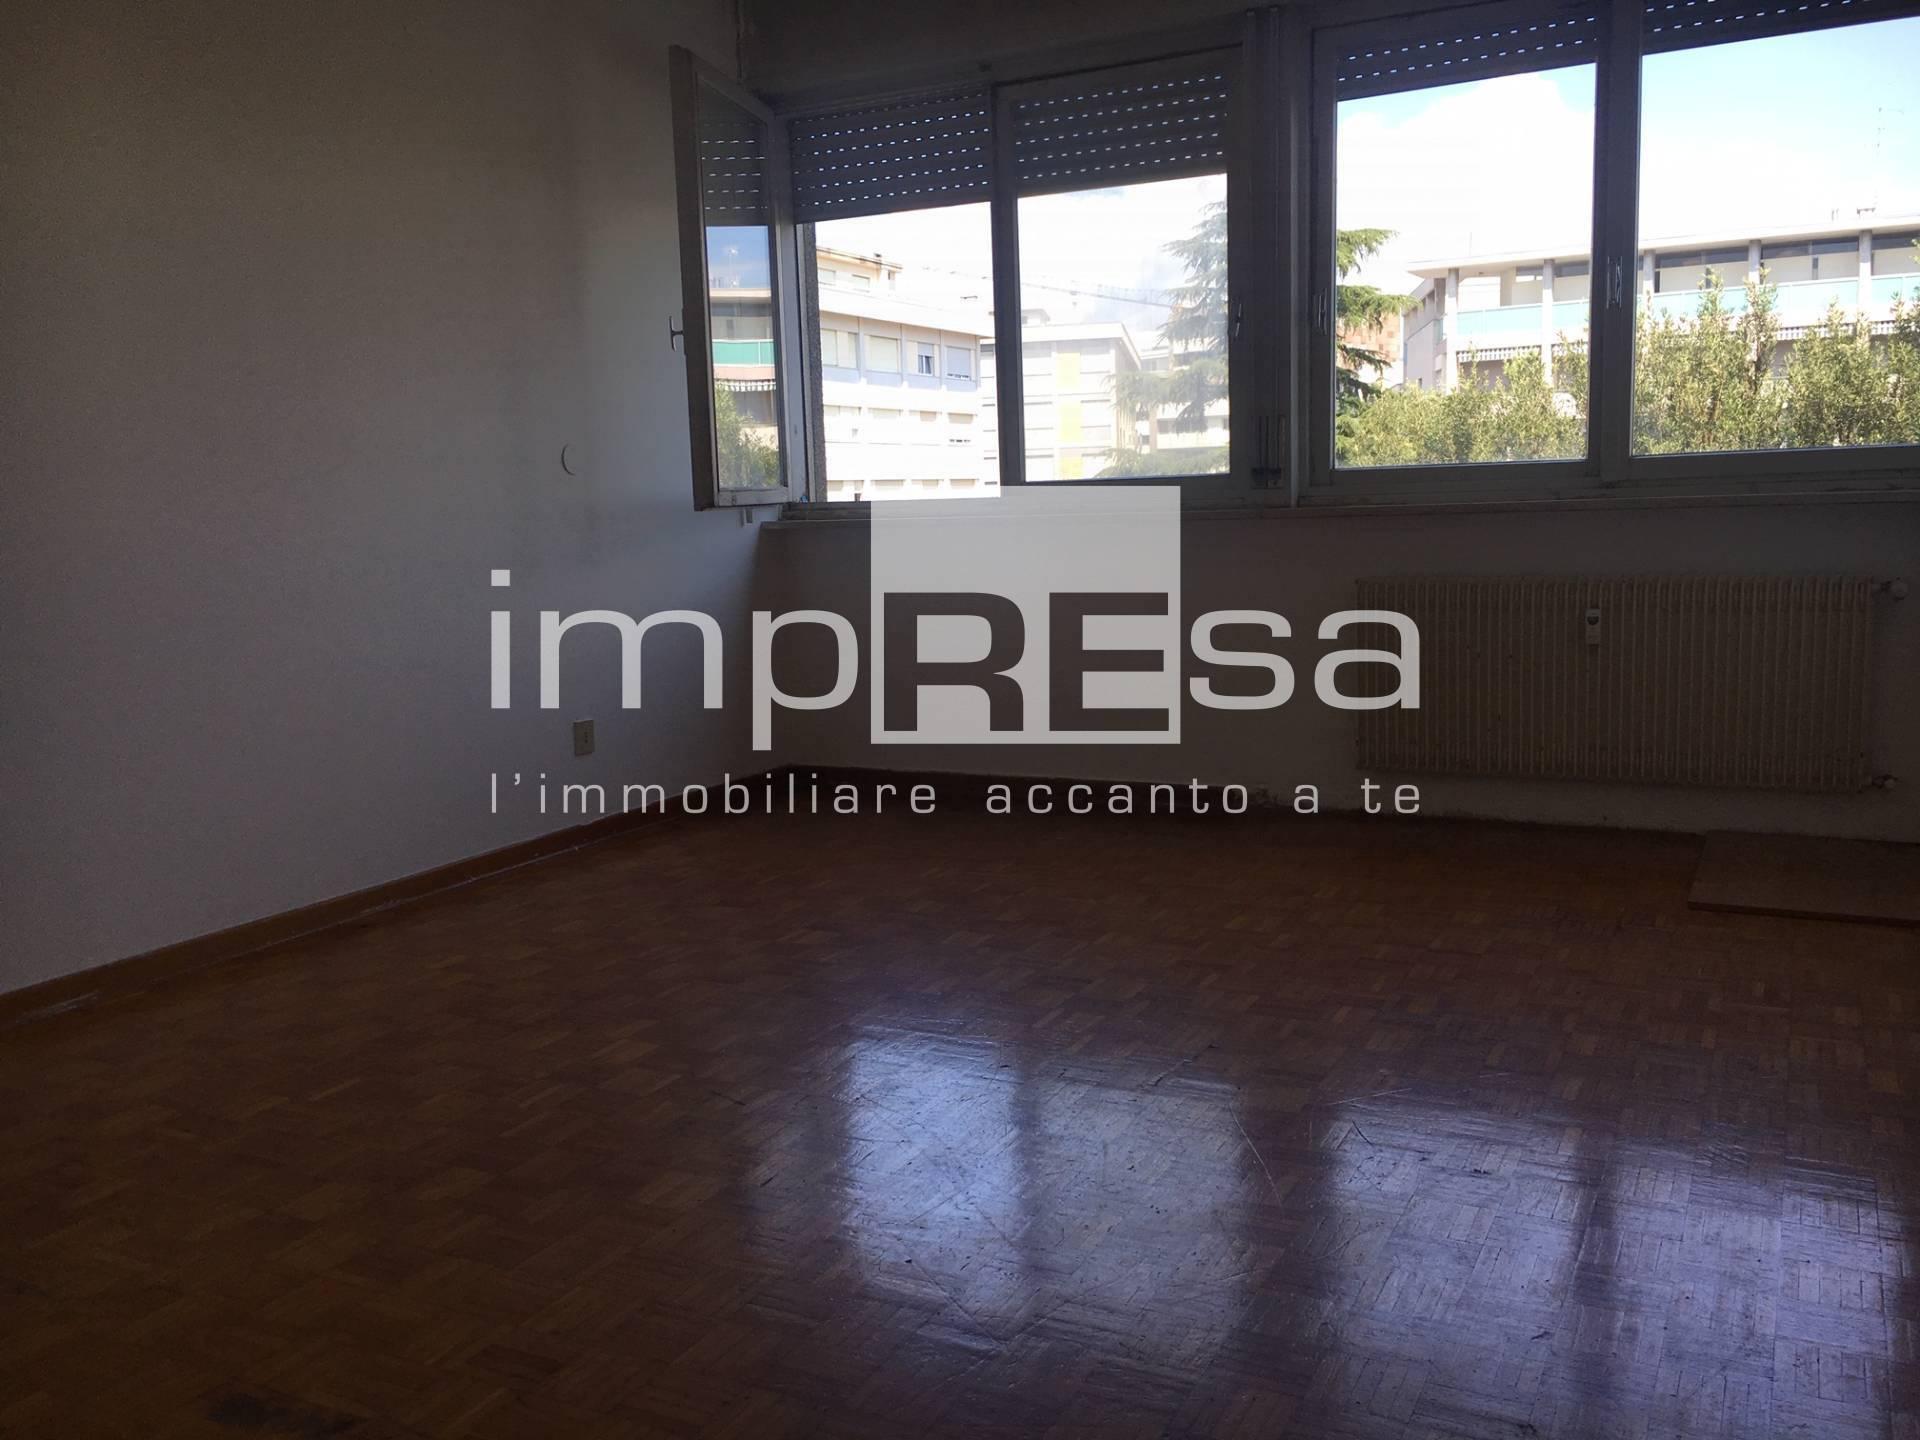 Appartamento in vendita a Pordenone, 7 locali, zona ro, prezzo € 128.000 | PortaleAgenzieImmobiliari.it